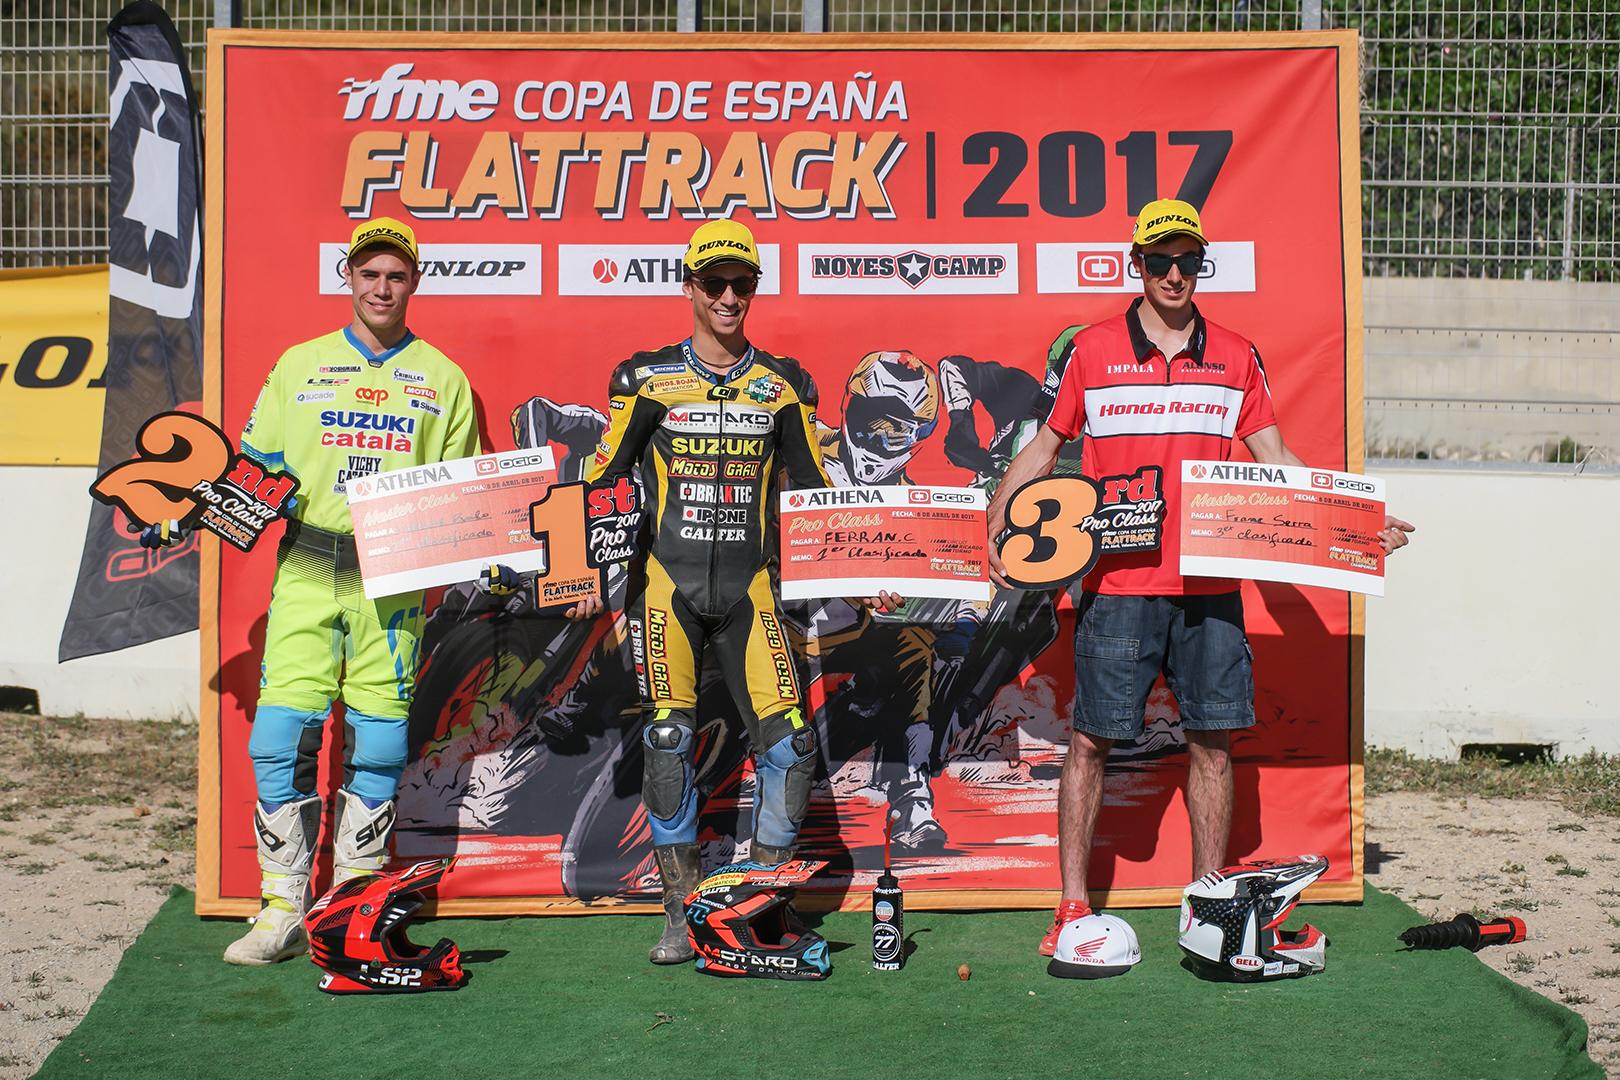 Ferran Cardús venció en la categoría FlatTrack Pro, y Vicent Navarro se hizo con el triunfo en Master.